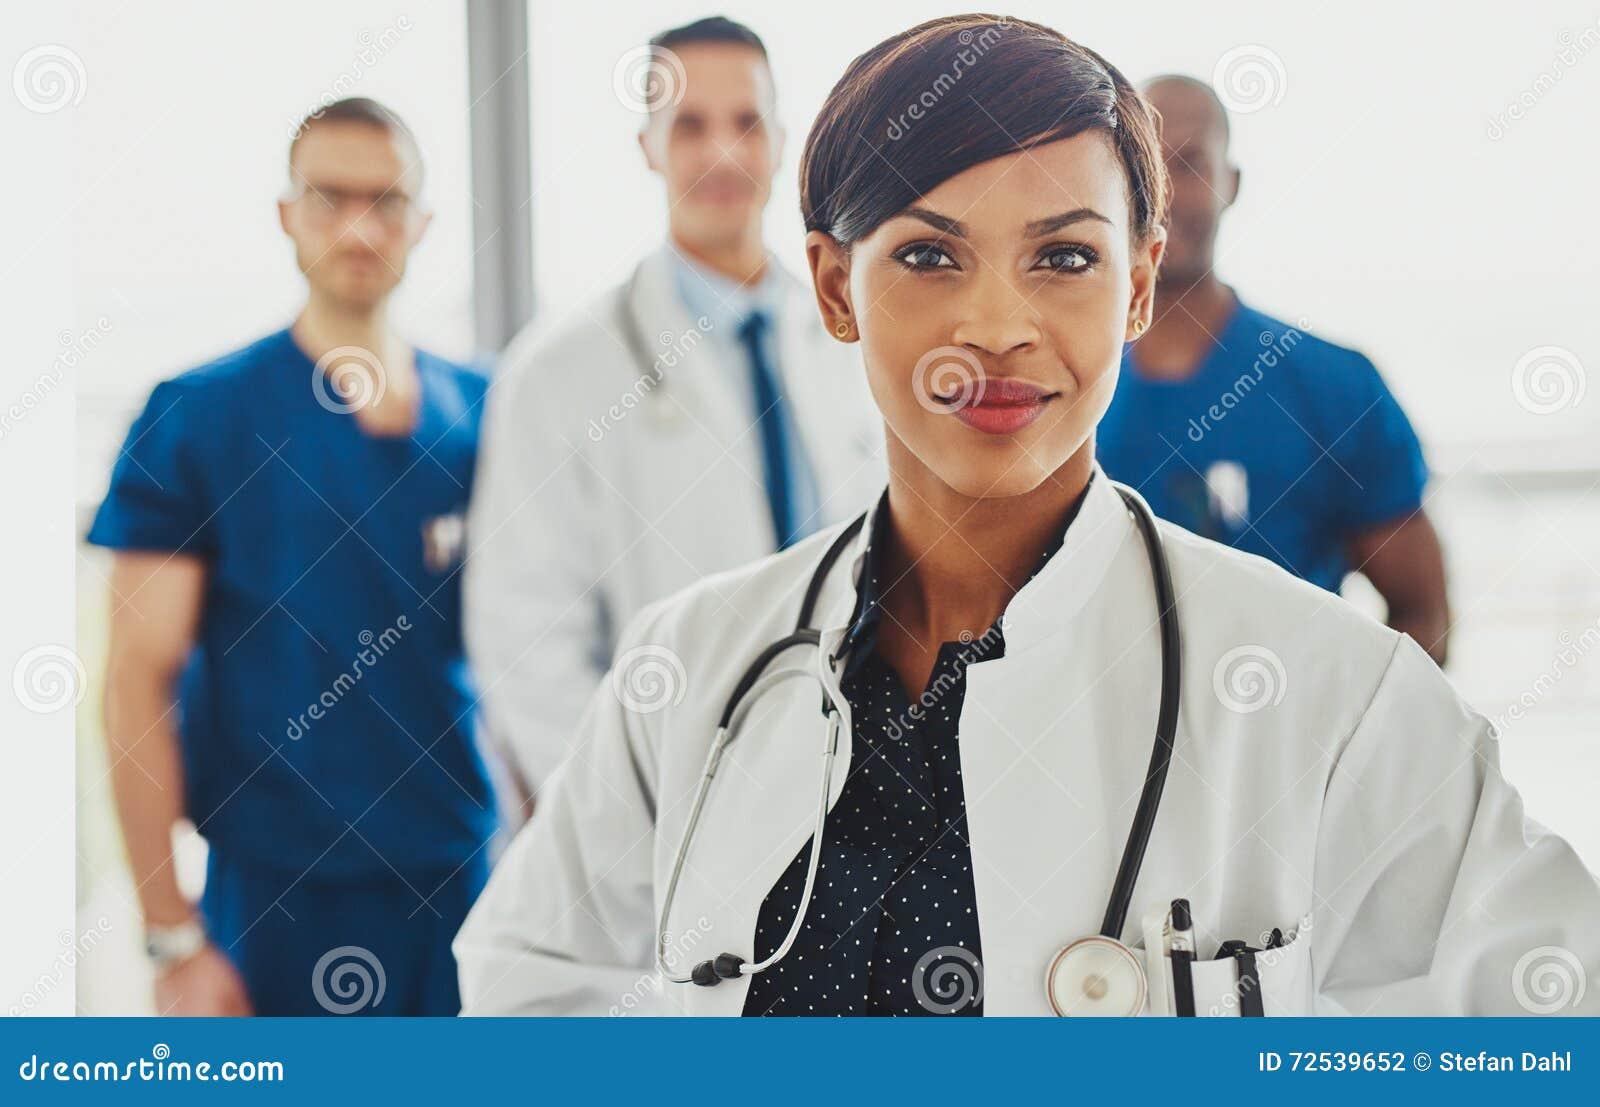 Ledande medicinskt lag för svart kvinnlig doktor